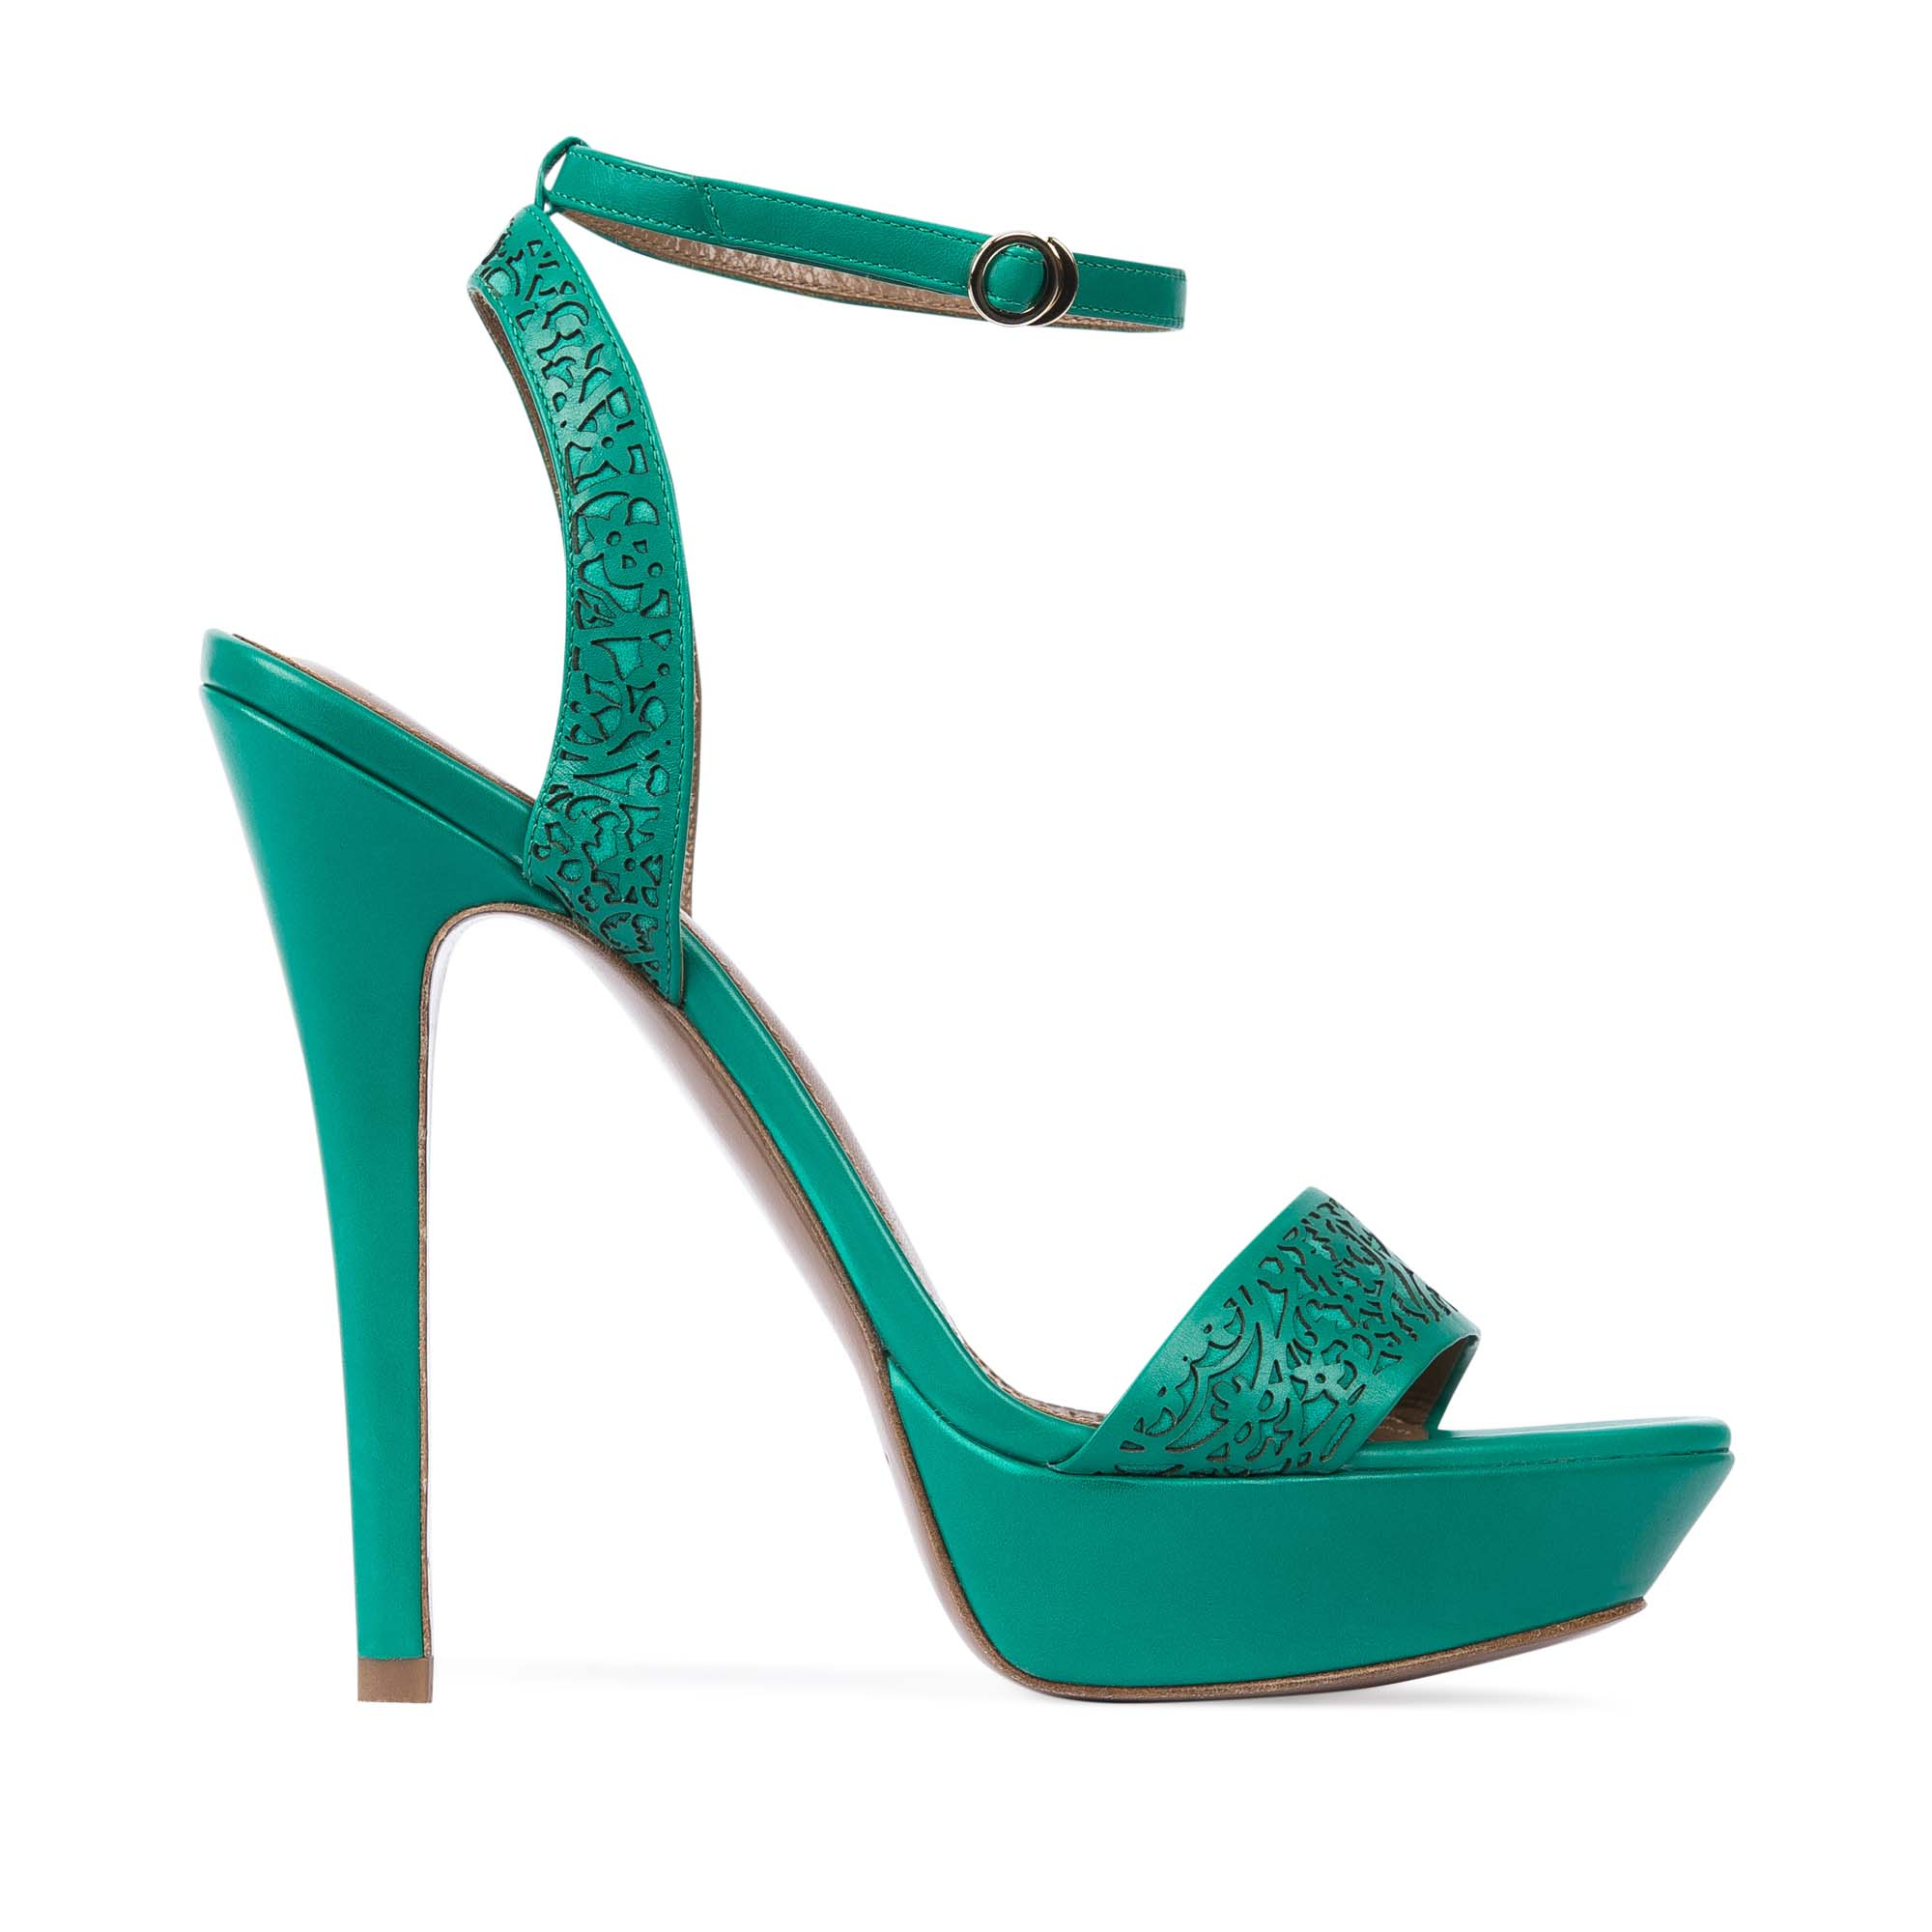 Босоножки изумрудного цвета с закрытой перфорациейТуфли женские<br><br>Материал верха: Кожа<br>Материал подкладки: Кожа<br>Материал подошвы: Кожа<br>Цвет: Зеленый<br>Высота каблука: 13 см<br>Дизайн: Италия<br>Страна производства: Китай<br><br>Высота каблука: 13 см<br>Материал верха: Кожа<br>Материал подкладки: Кожа<br>Цвет: Зеленый<br>Вес кг: 0.52600000<br>Выберите размер обуви: 39